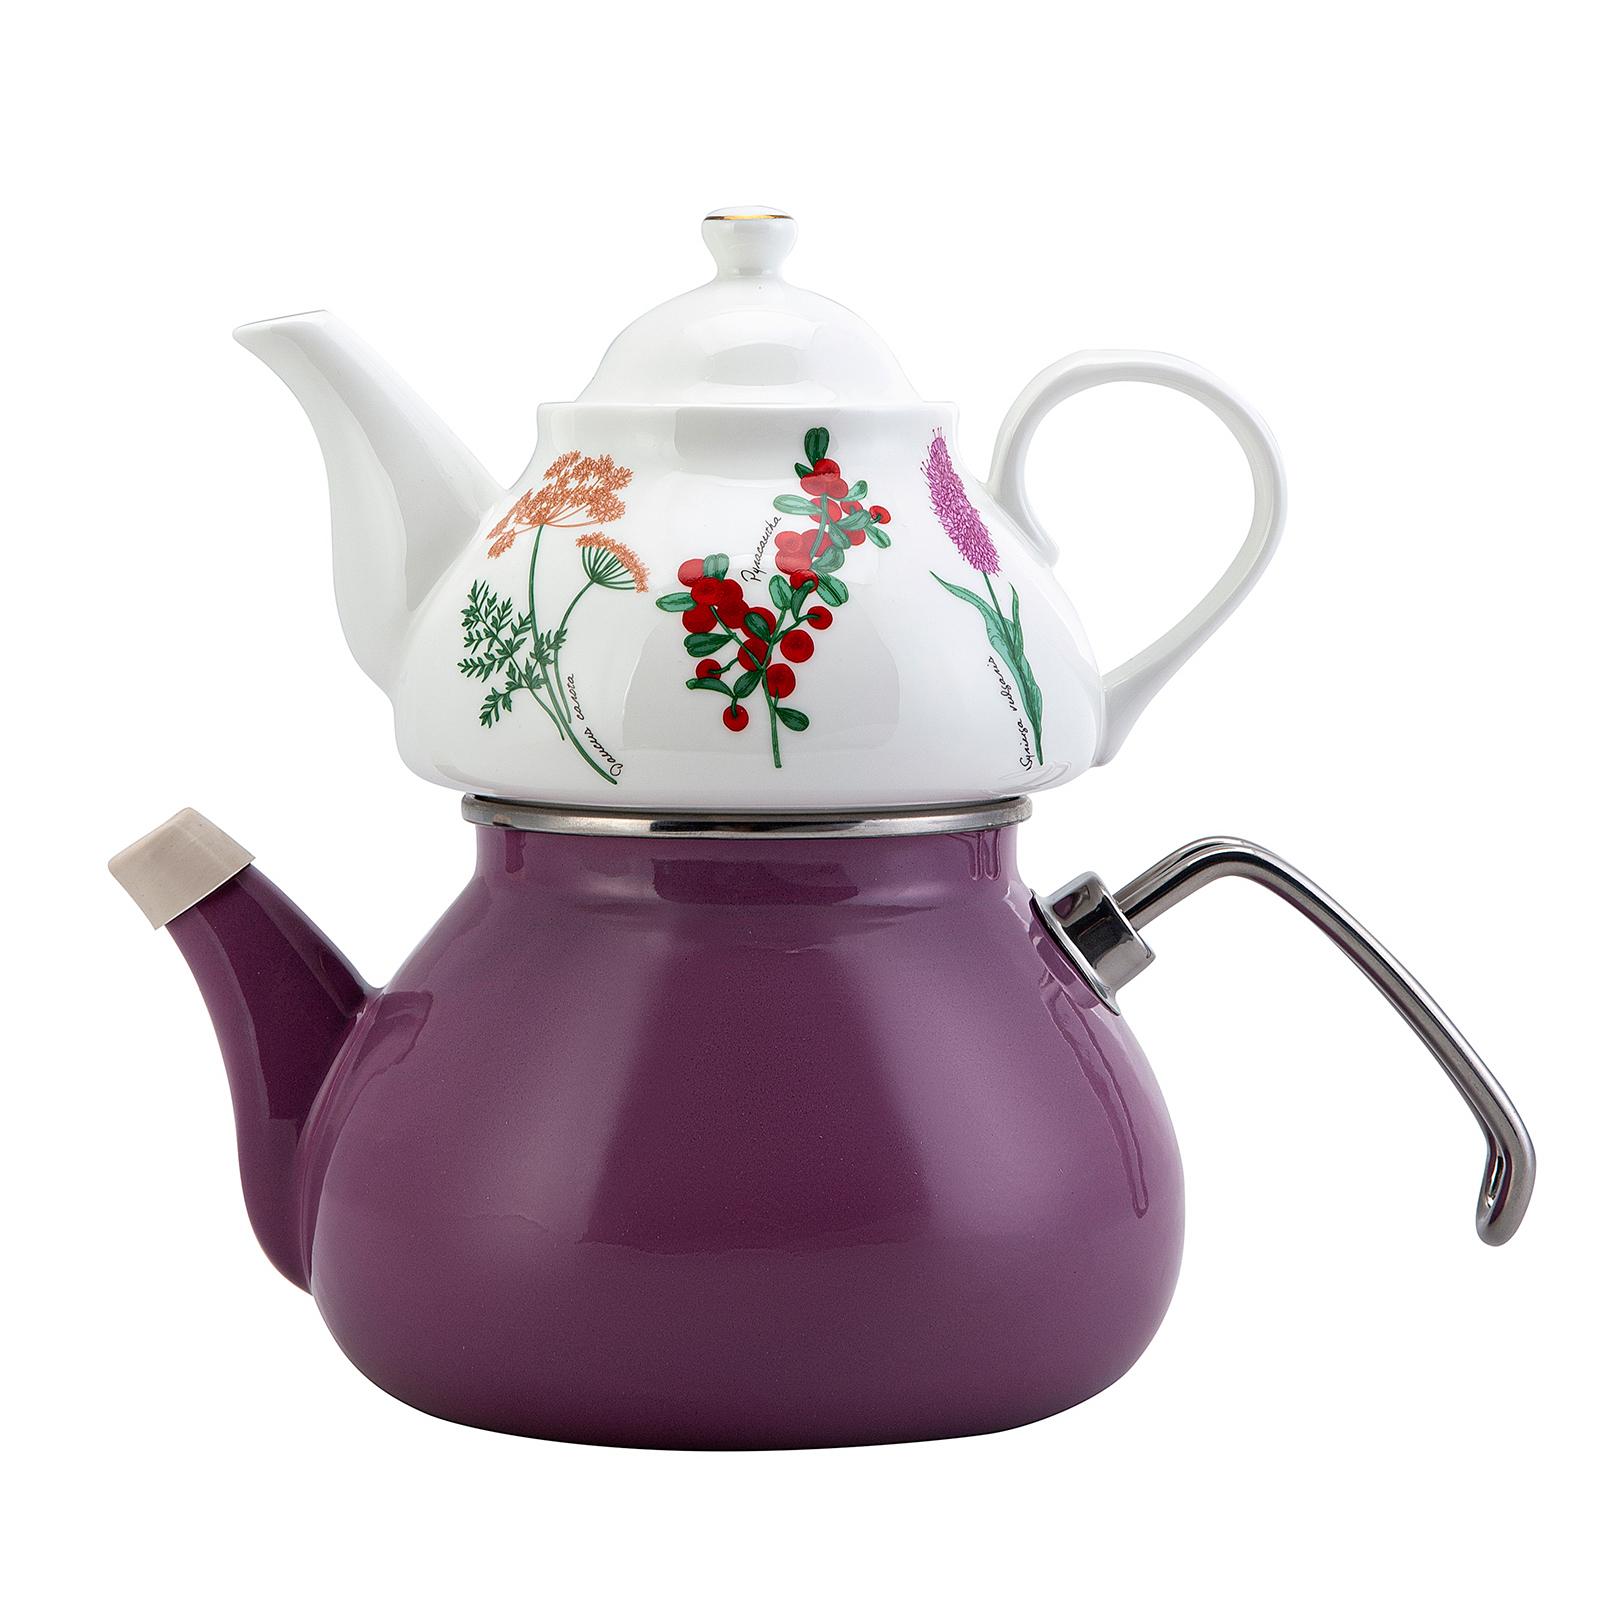 İris Porselen Çaydanlık Takımı